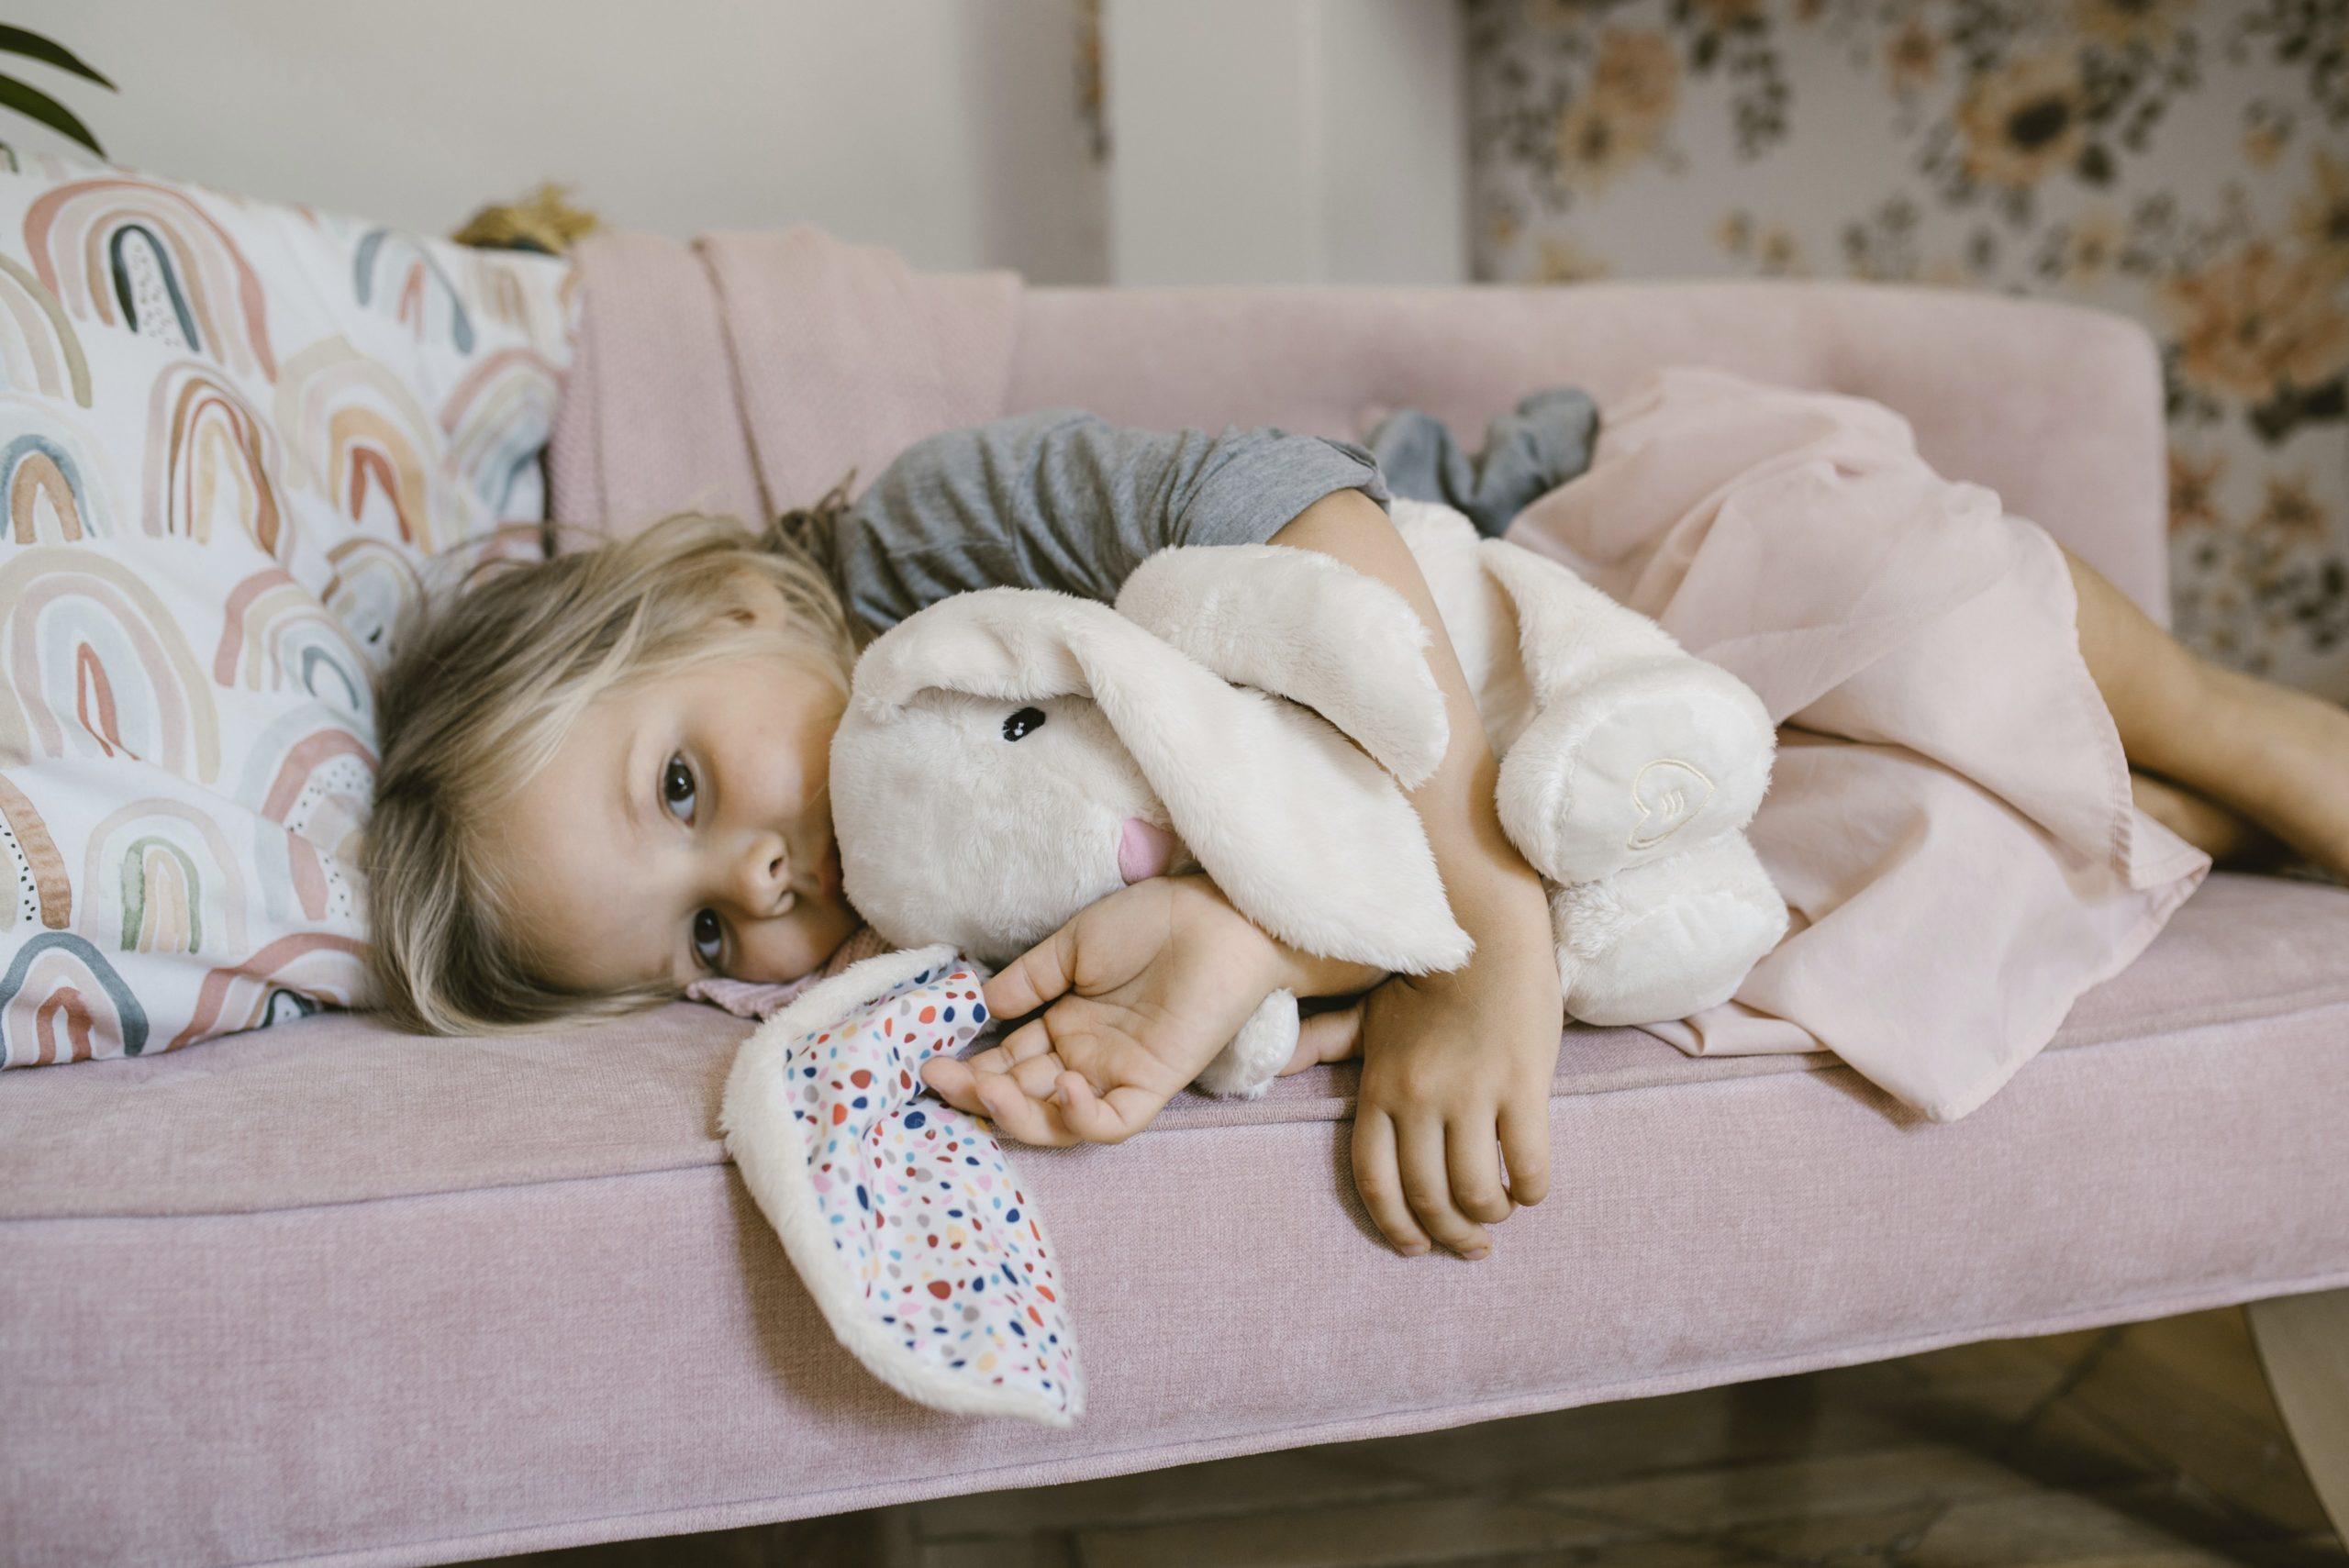 dziewczynka leżąca na kanapie z szumiącym Króliczkiem Whisbear